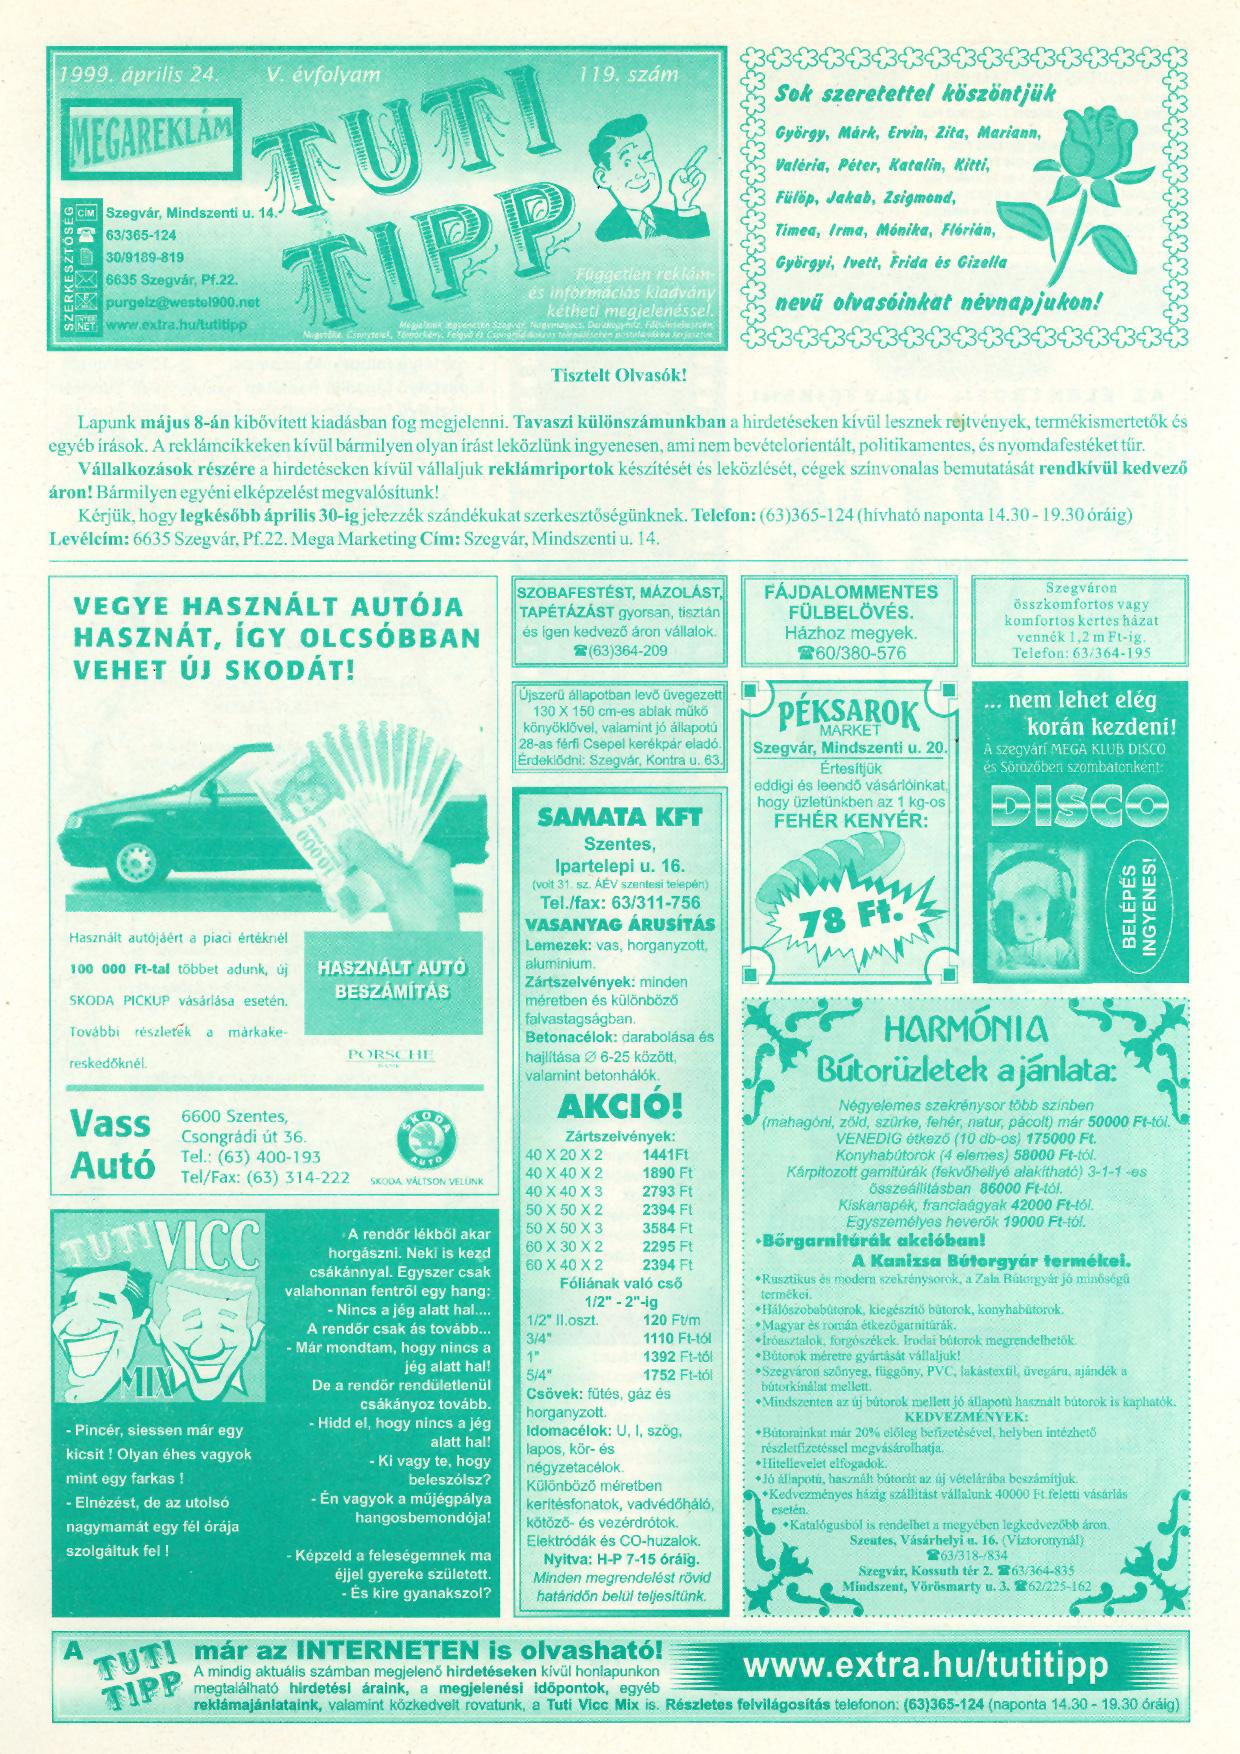 013 Tuti Tipp reklámújság - 19990424-119. lapszám - 1.oldal - V. évfolyam.jpg